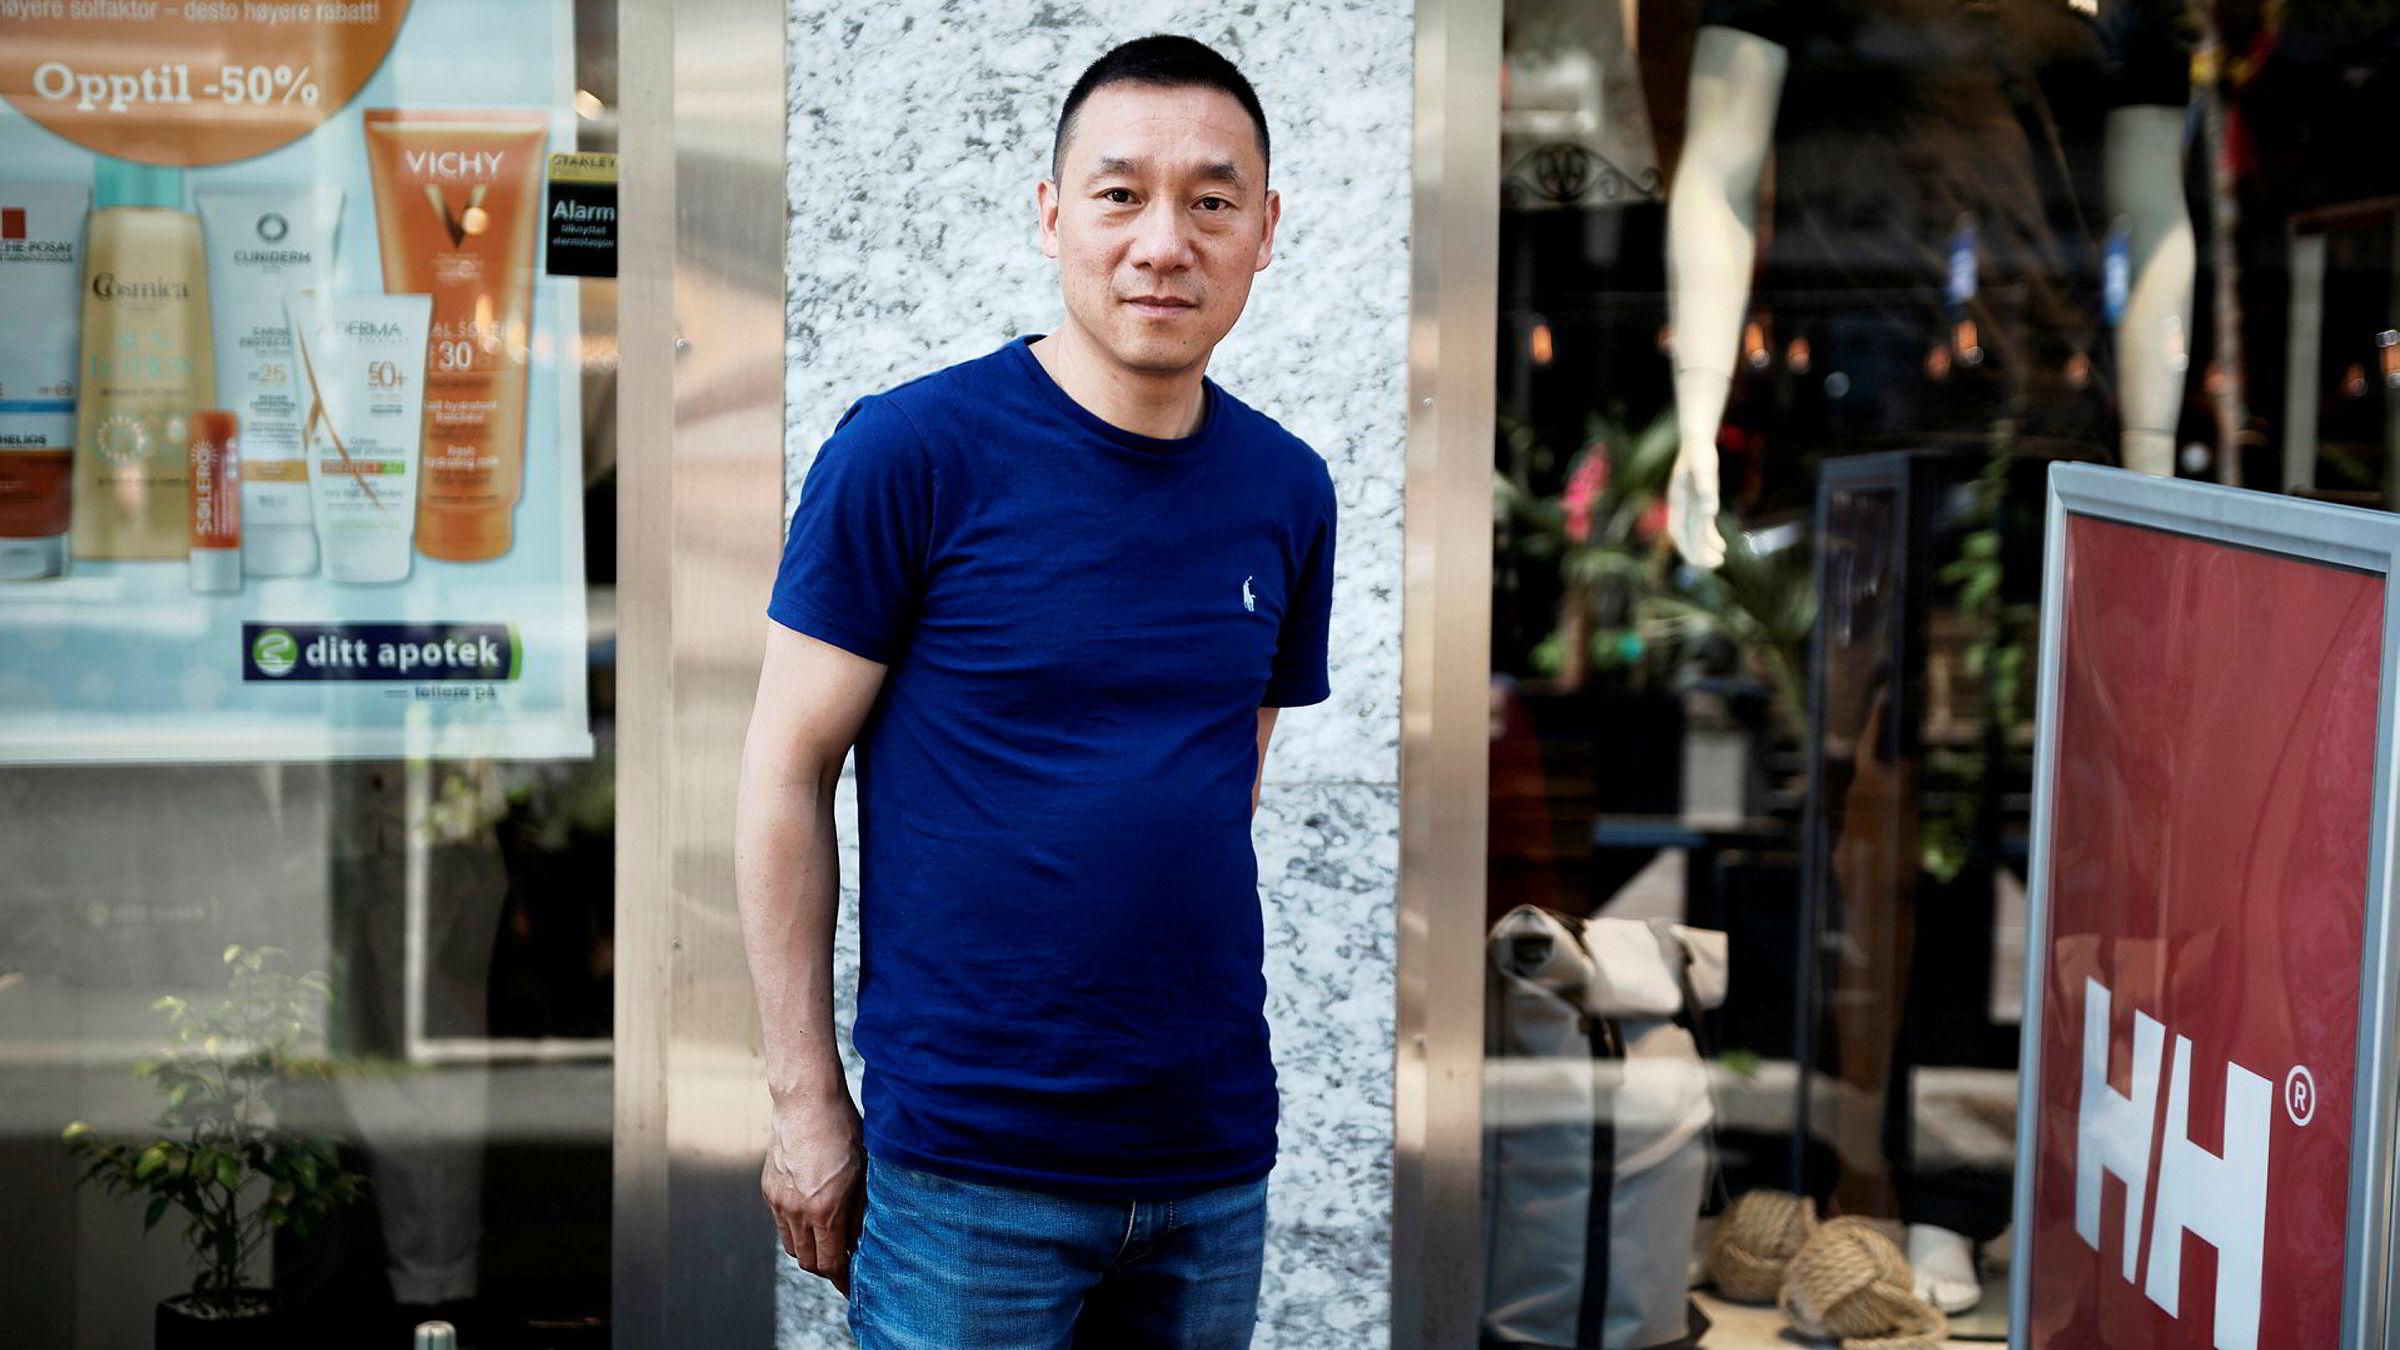 Yunlin Zhan eier både hotell i Oslo samt apoteker og butikker som i stor grad lever av kinesiske turister. Nå er han bekymret.